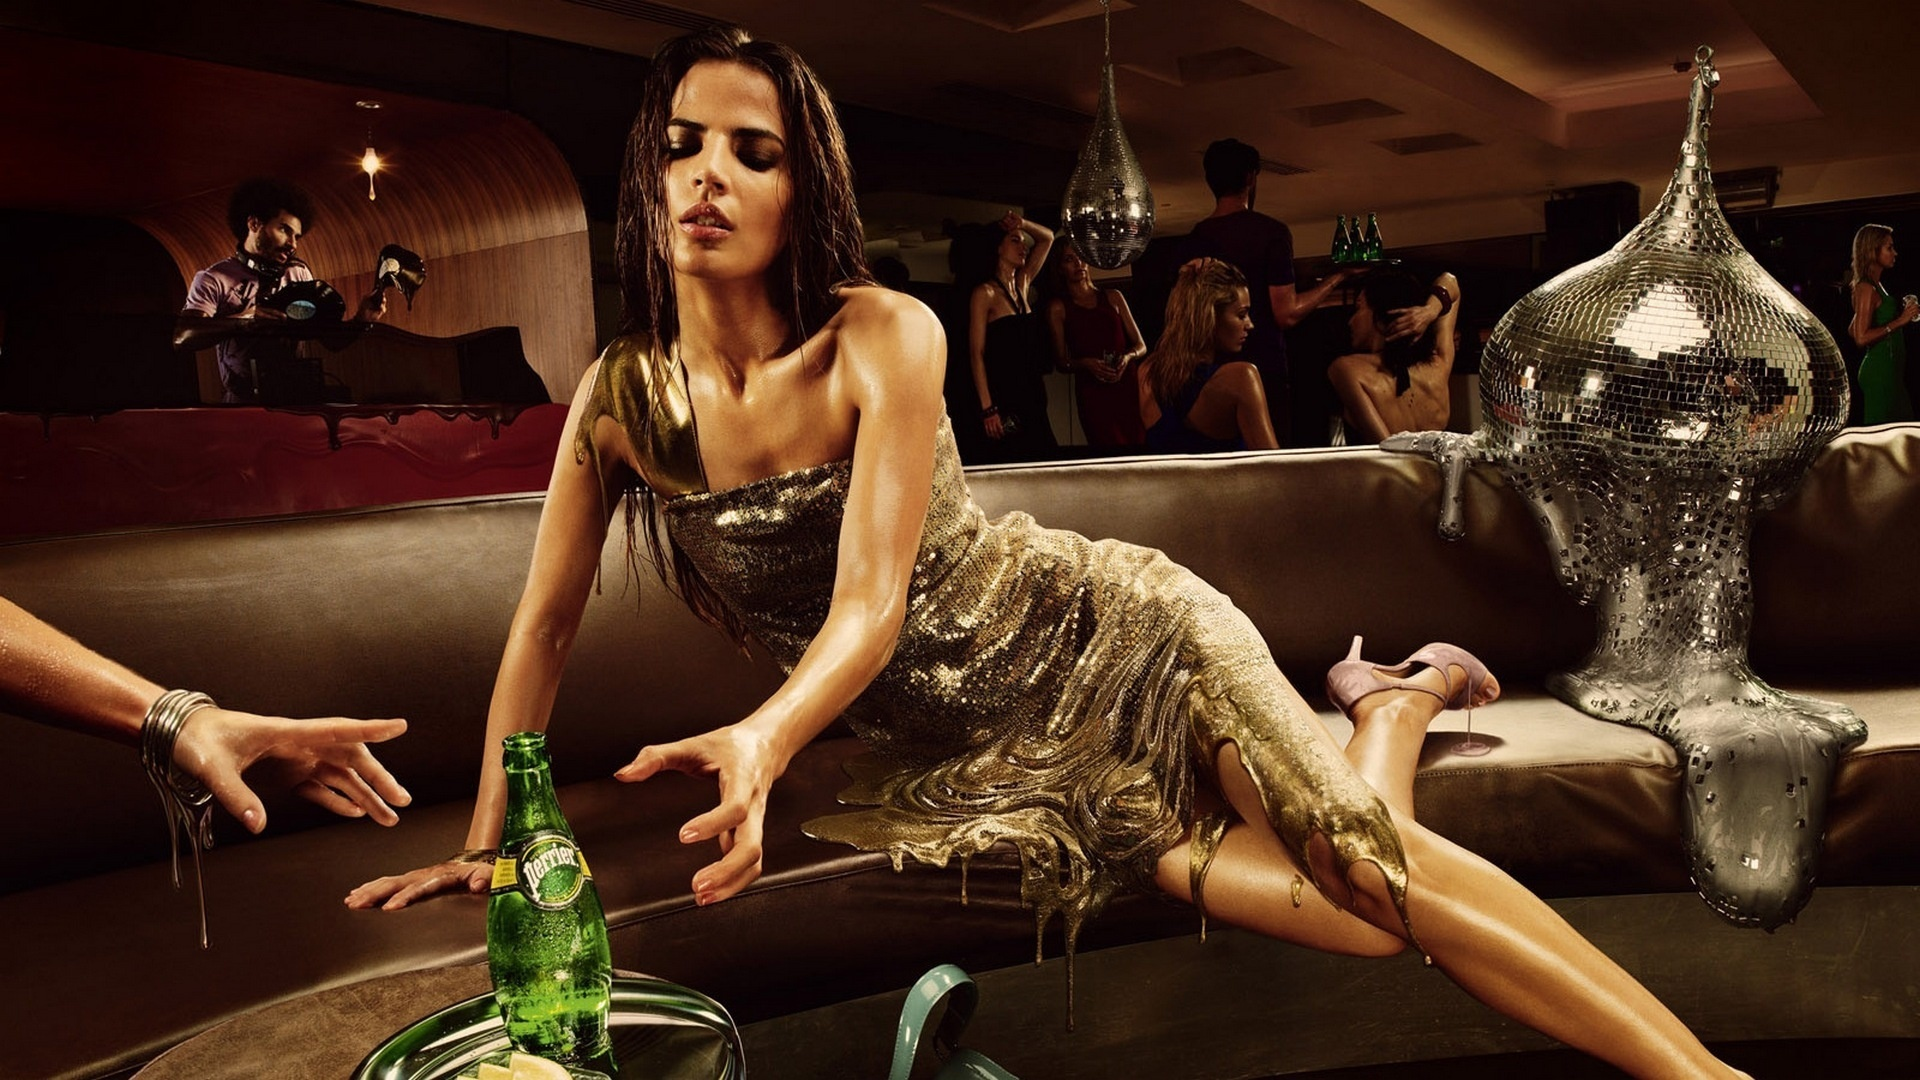 Прикольные картинки девушки с бутылкой